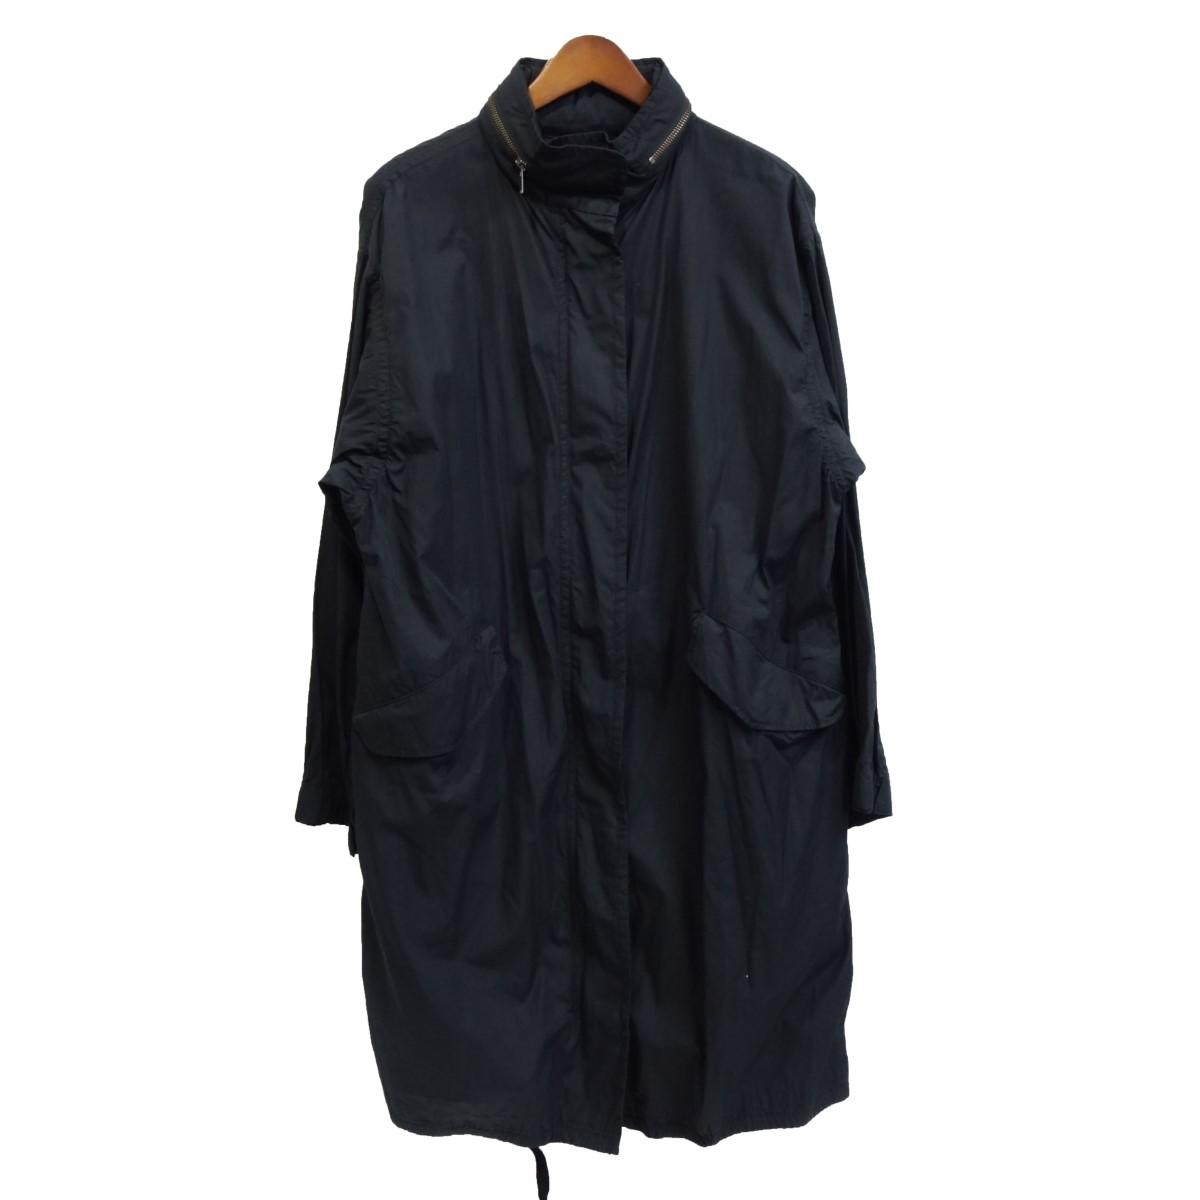 【中古】VINCE 「Anorak Jacket」 アノラックジャケット ネイビー サイズ:S 【060420】(ヴィンス)